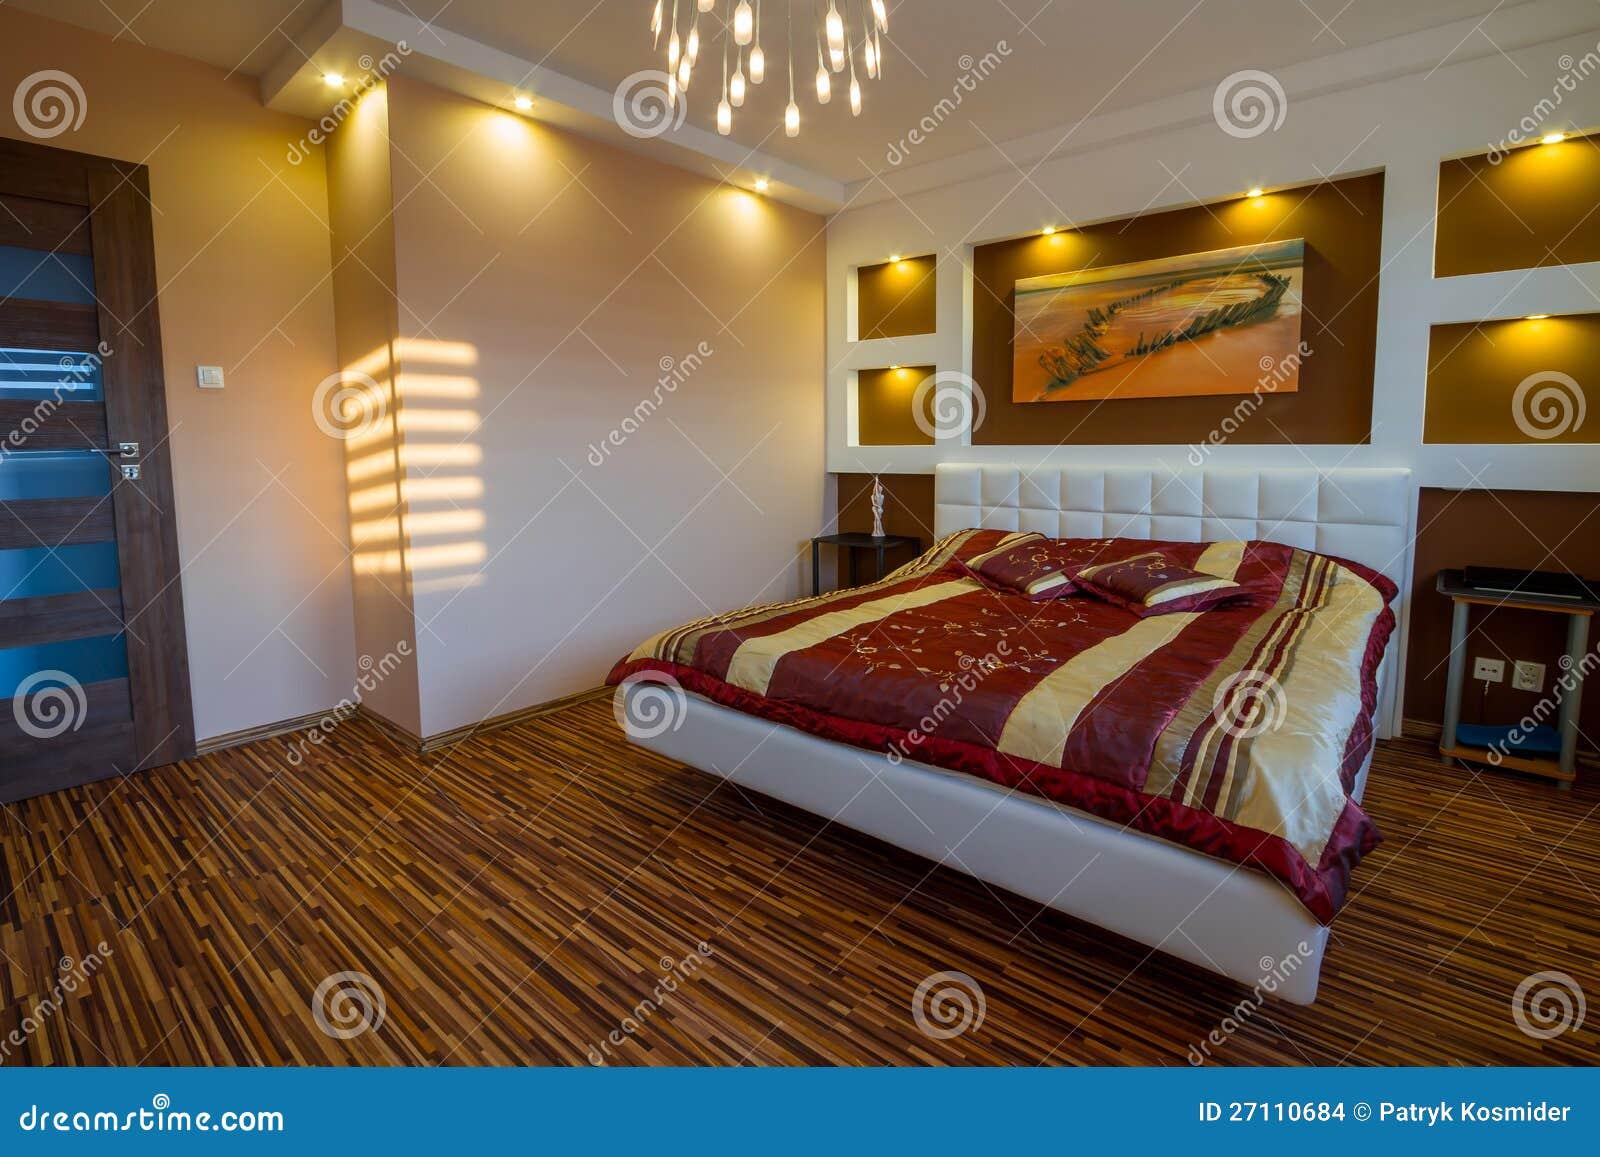 Interiore della camera da letto matrice con i riflettori immagini stock immagine 27110684 - I segreti della camera da letto ...